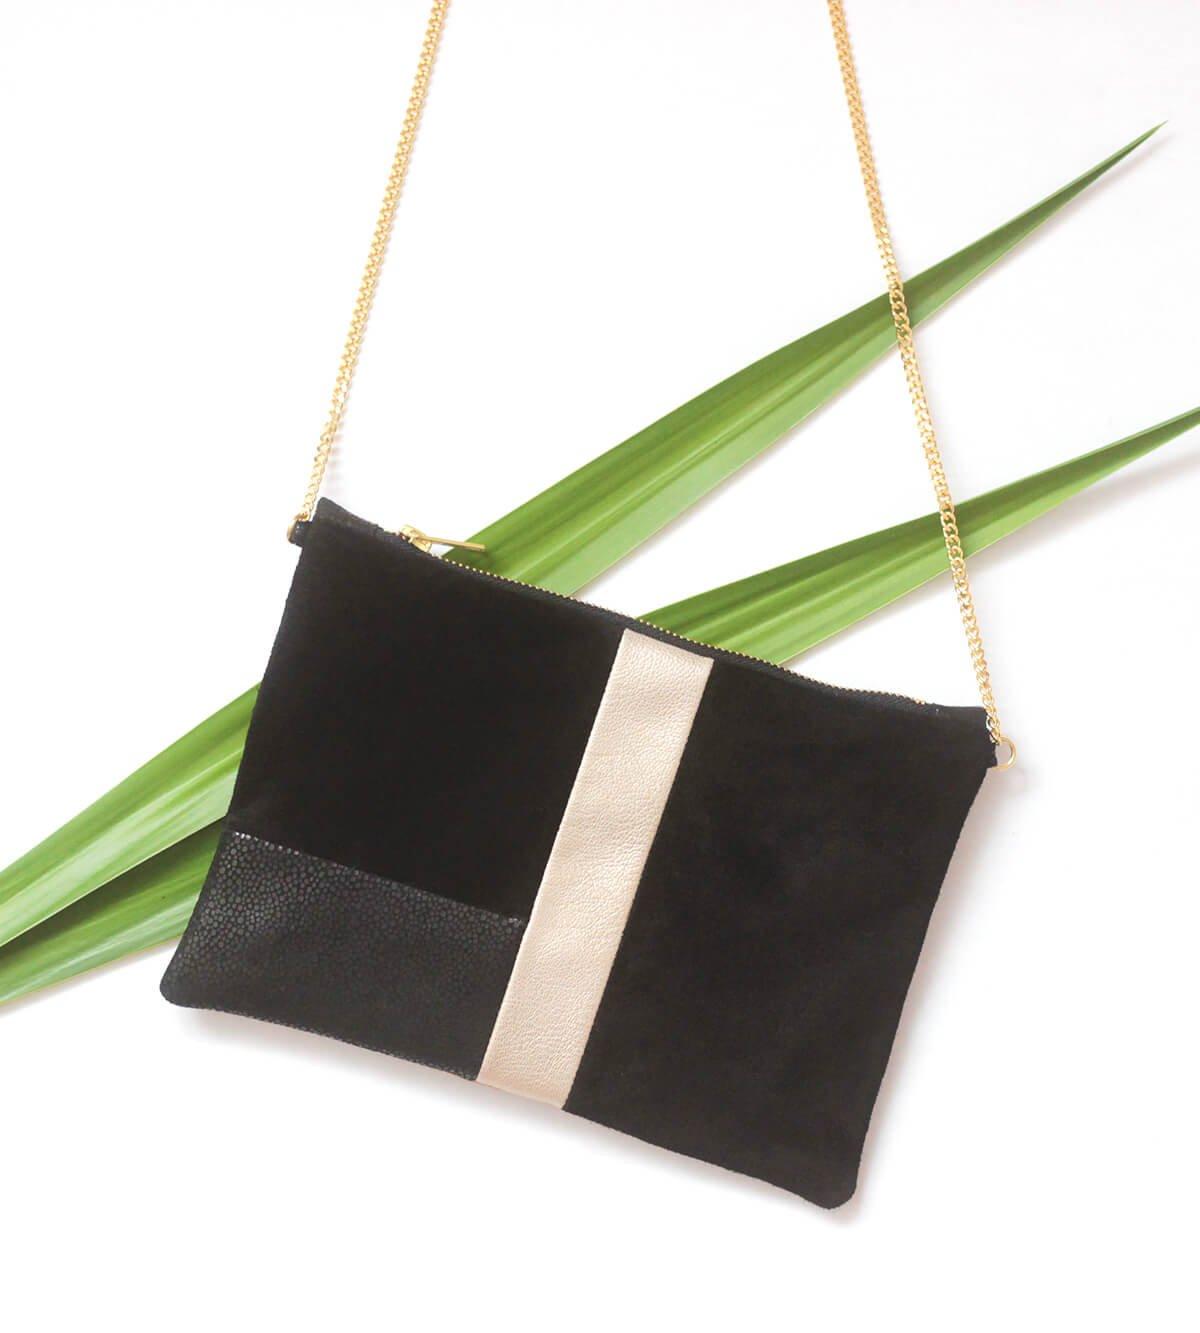 pochette cuir noir et doré